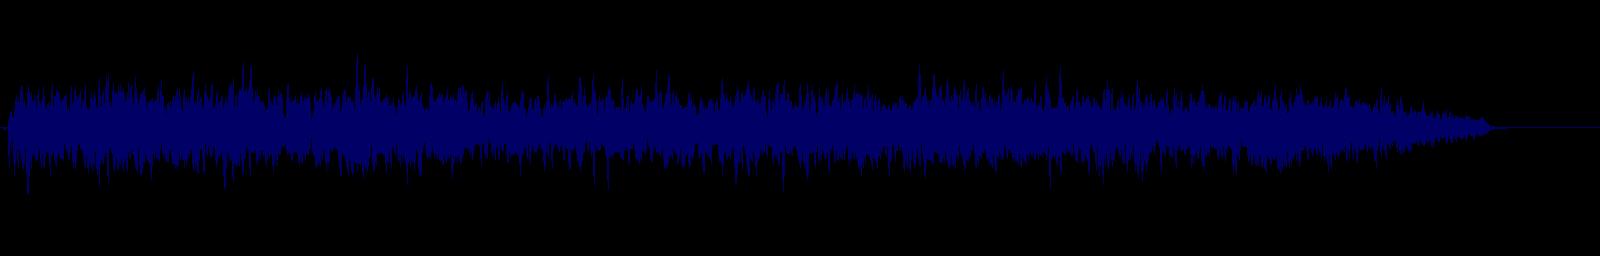 waveform of track #101303